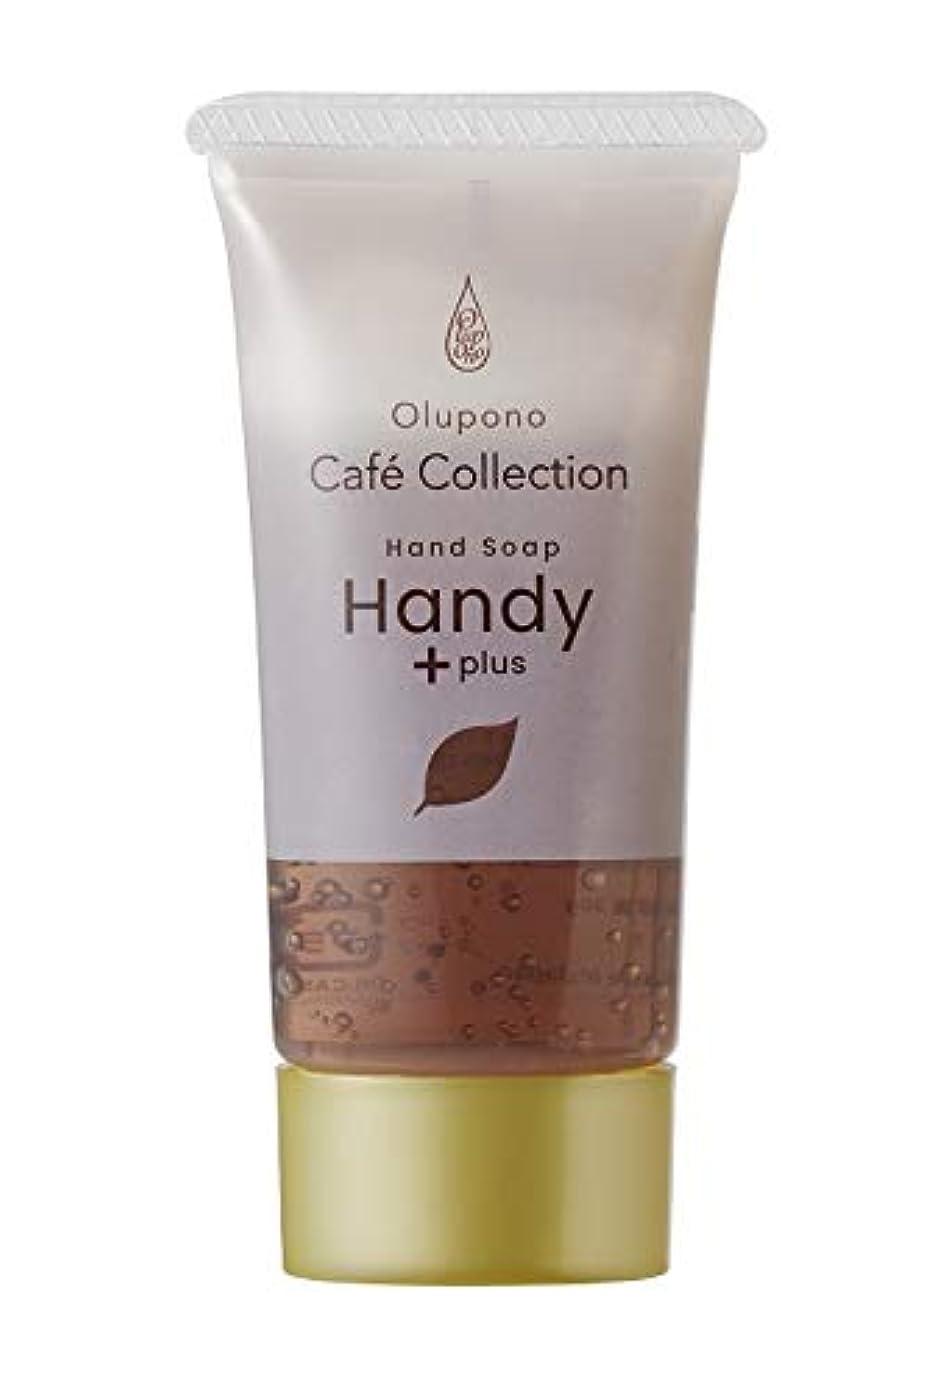 サーバント油ケープオルポノカフェコレクションHandy+plus<30g> コーヒー